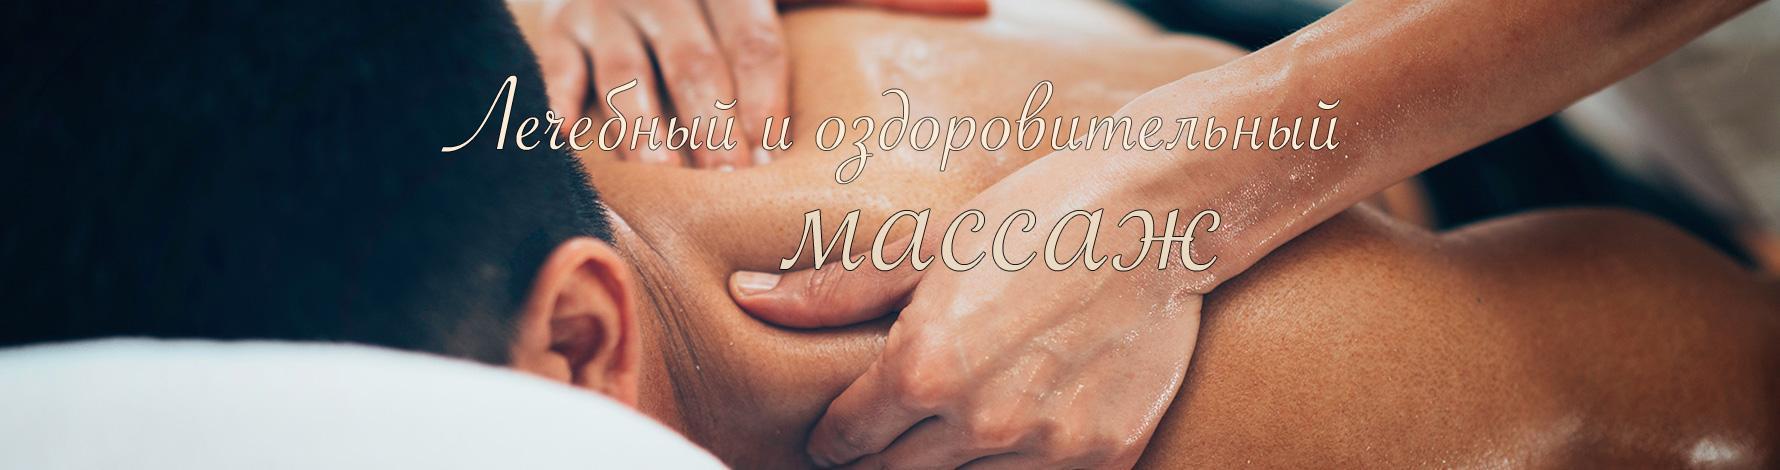 Лечебный и оздоровительный массаж